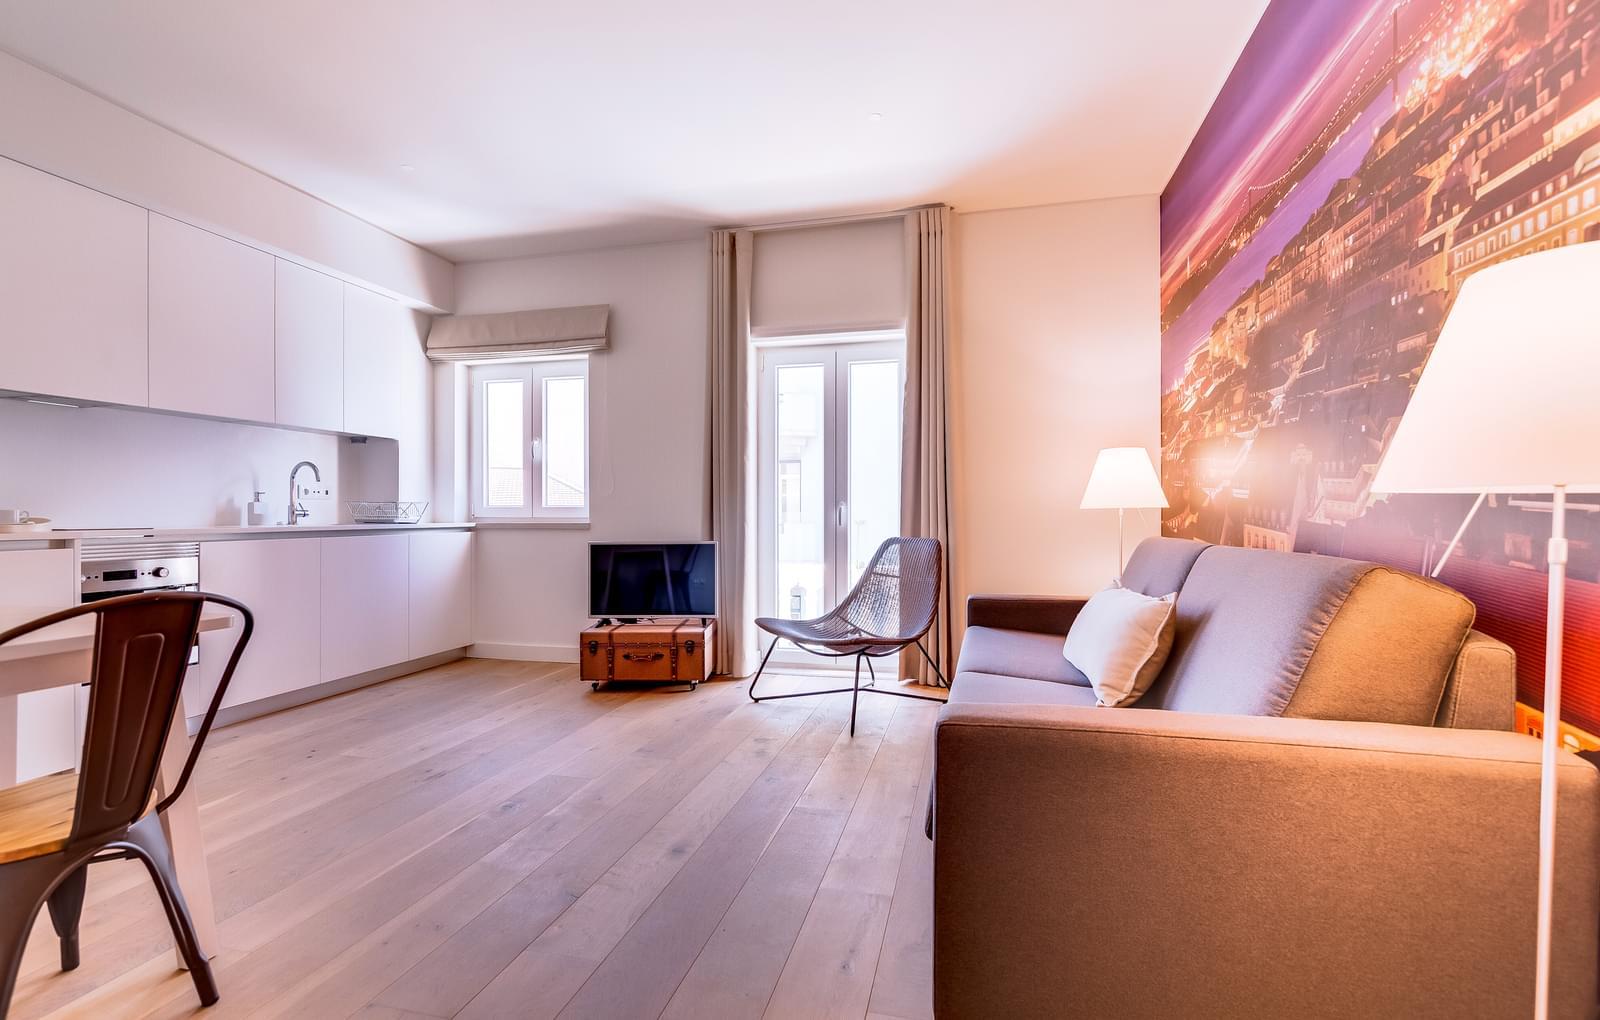 pf16967-apartamento-t0-lisboa-e8216aad-9917-472b-ae8b-0159a6d46a03